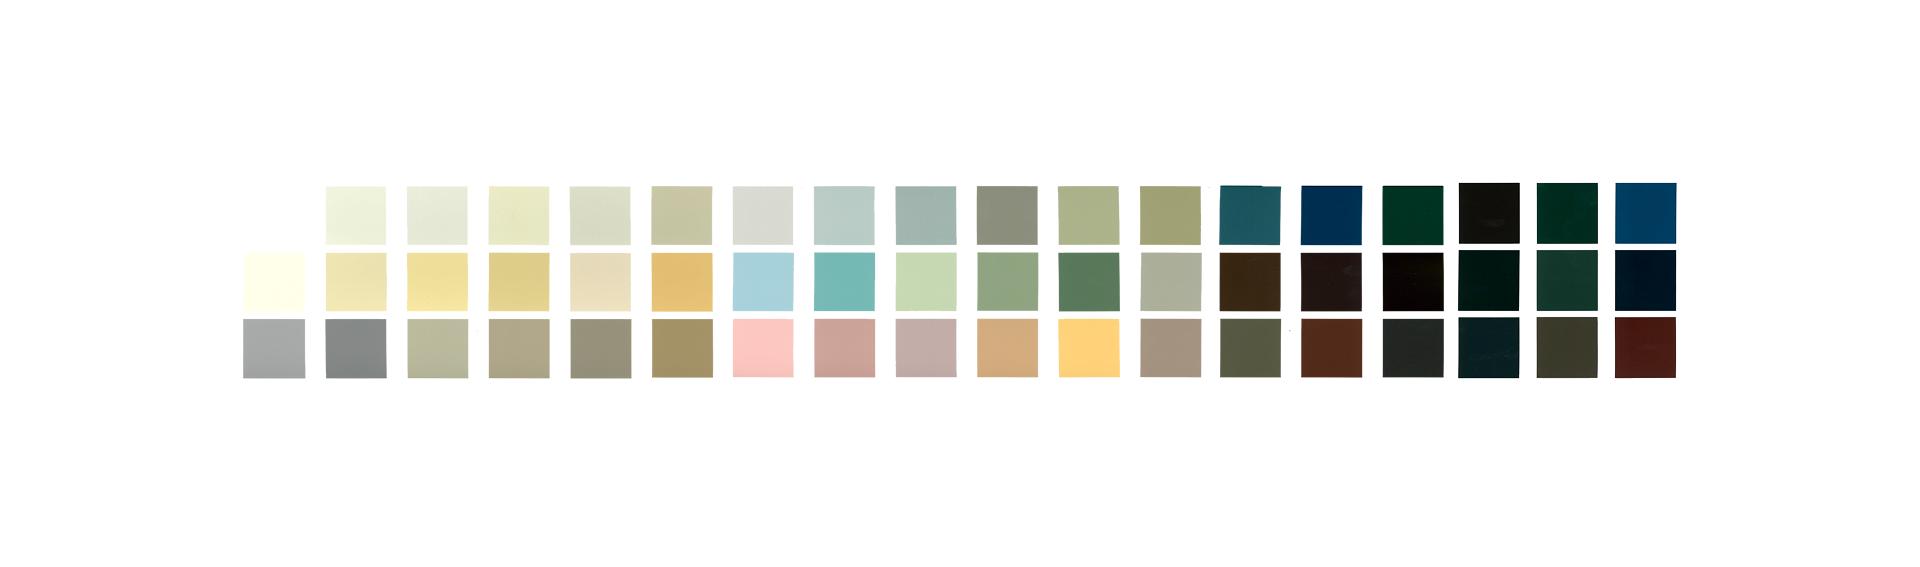 カラーシミュレーション 色見本 外壁塗装 無機塗料